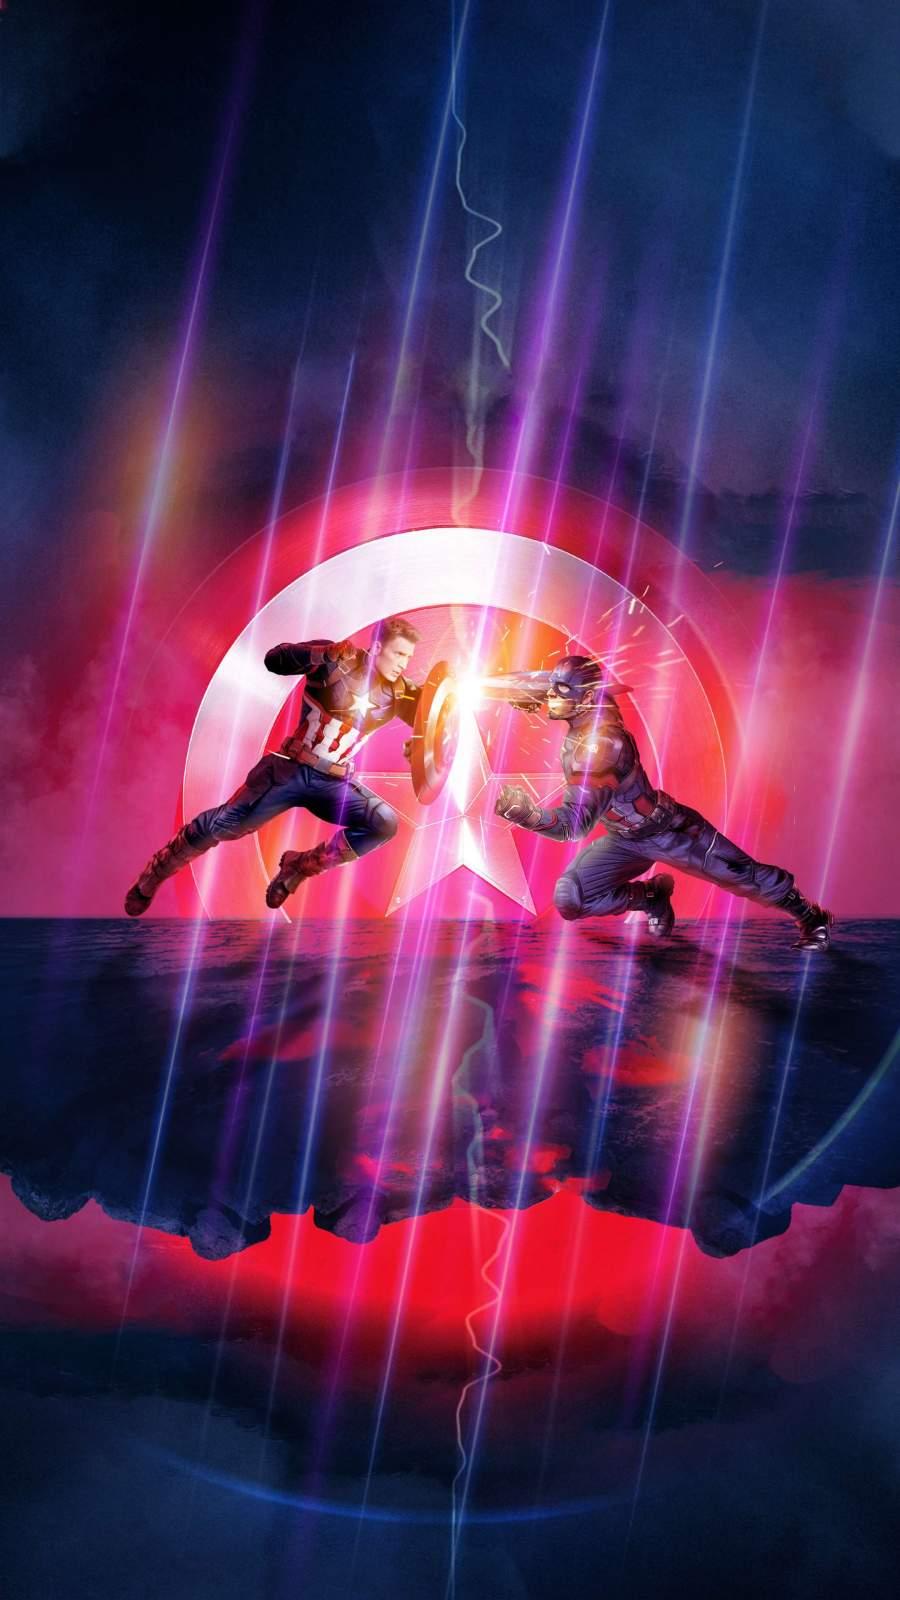 Captain vs Captain Avengers Endgame iPhone Wallpaper